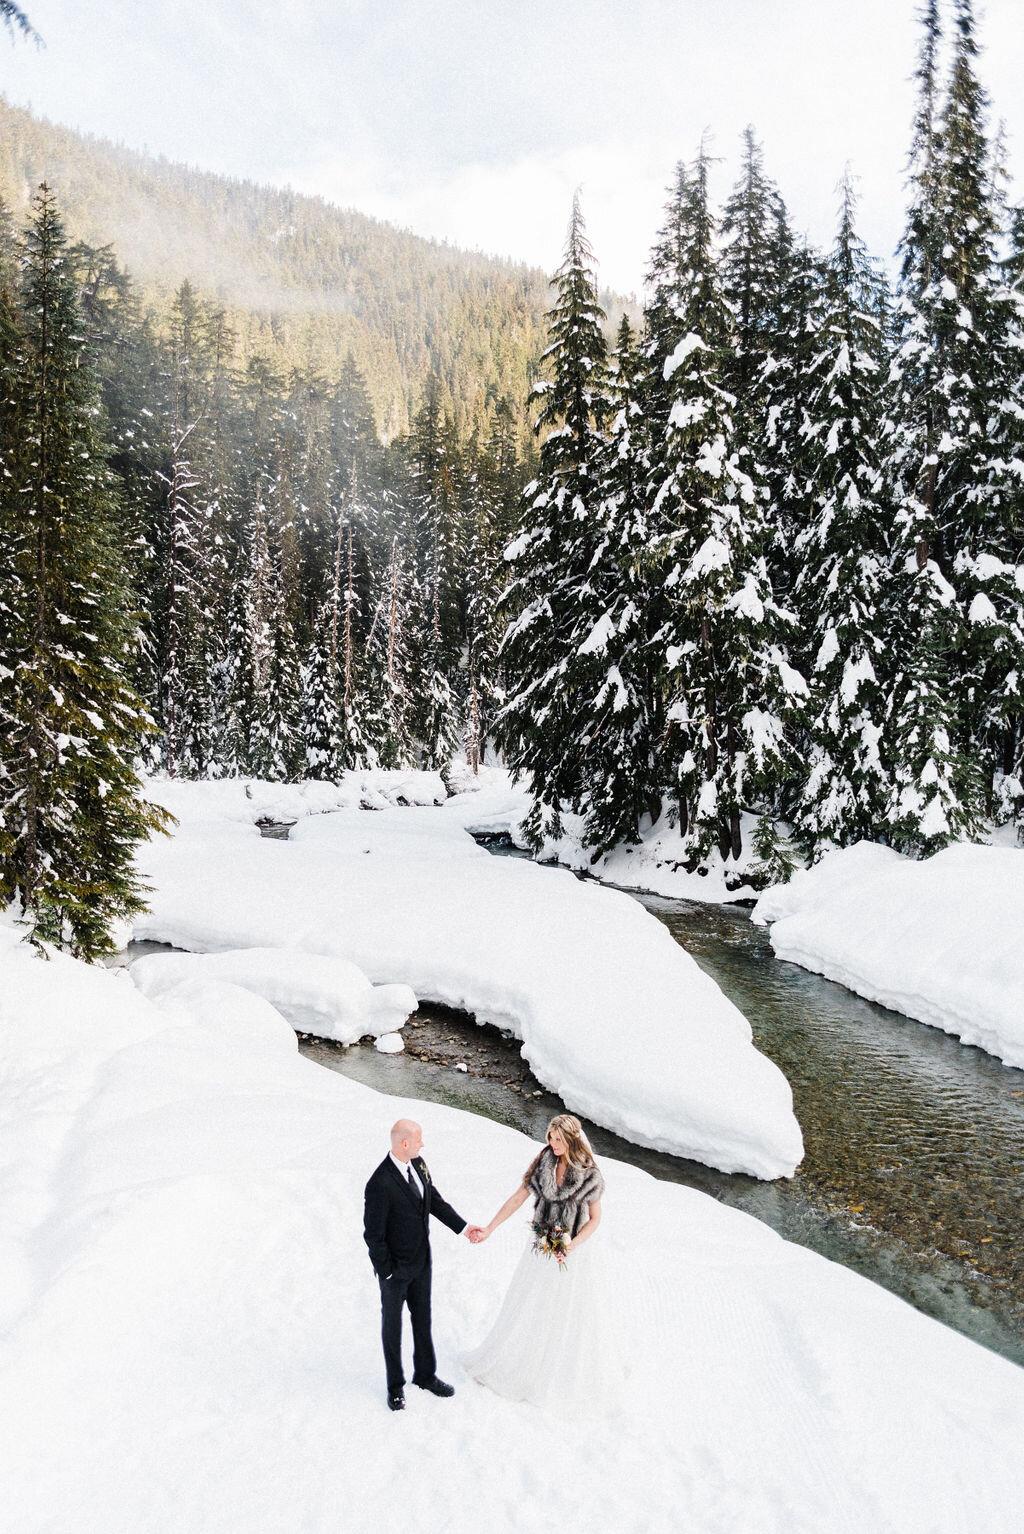 mountain elope winter elopement